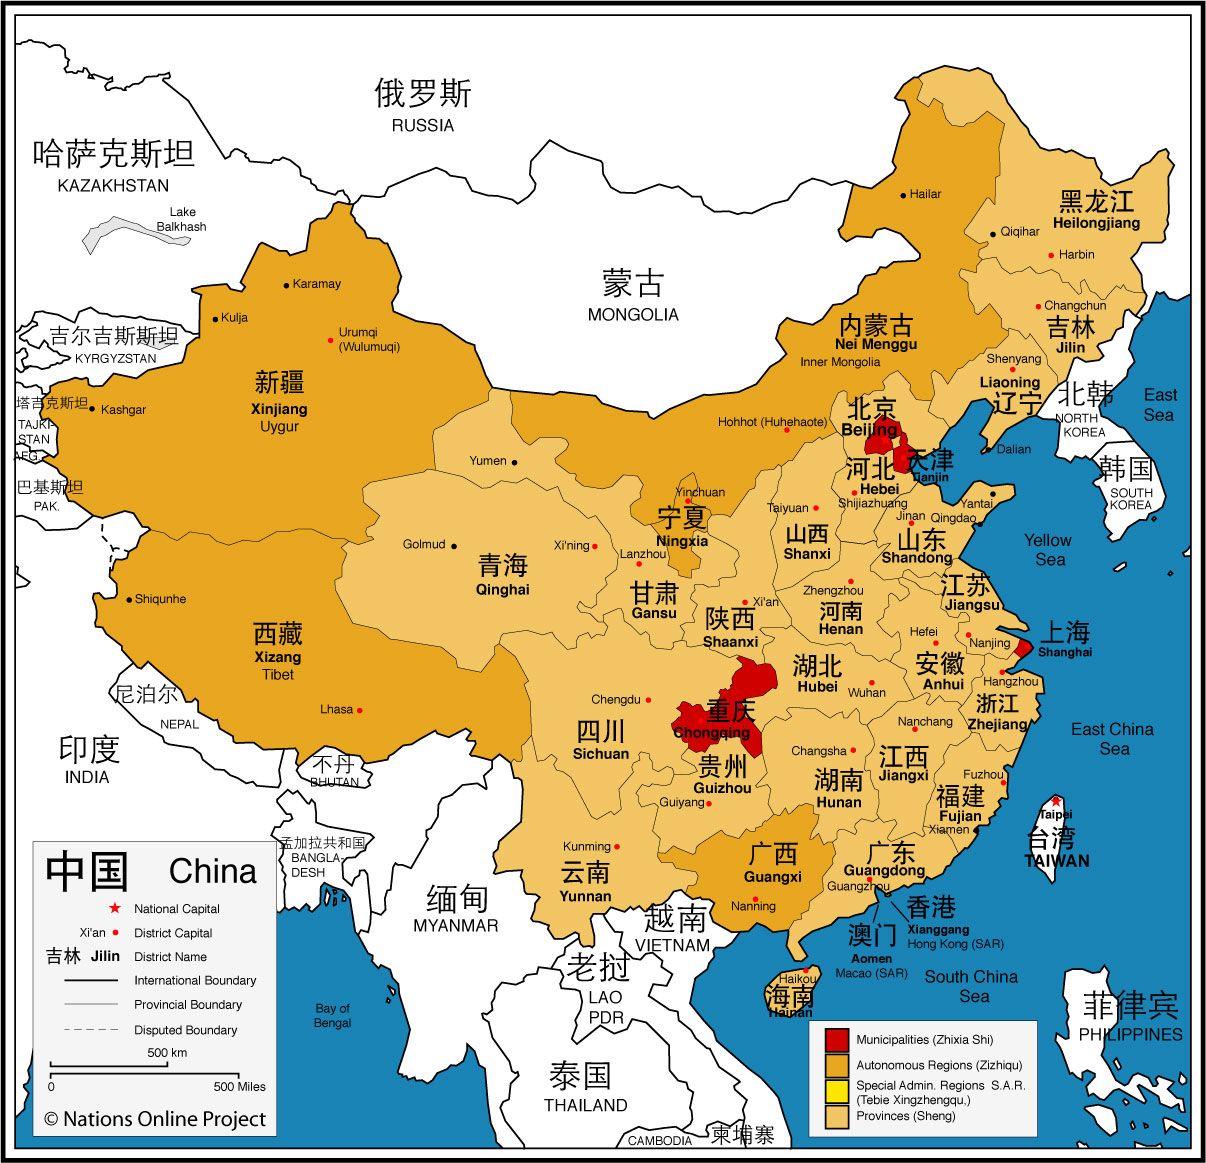 Mapa de Administracin de China  Proyecto de las Naciones Online